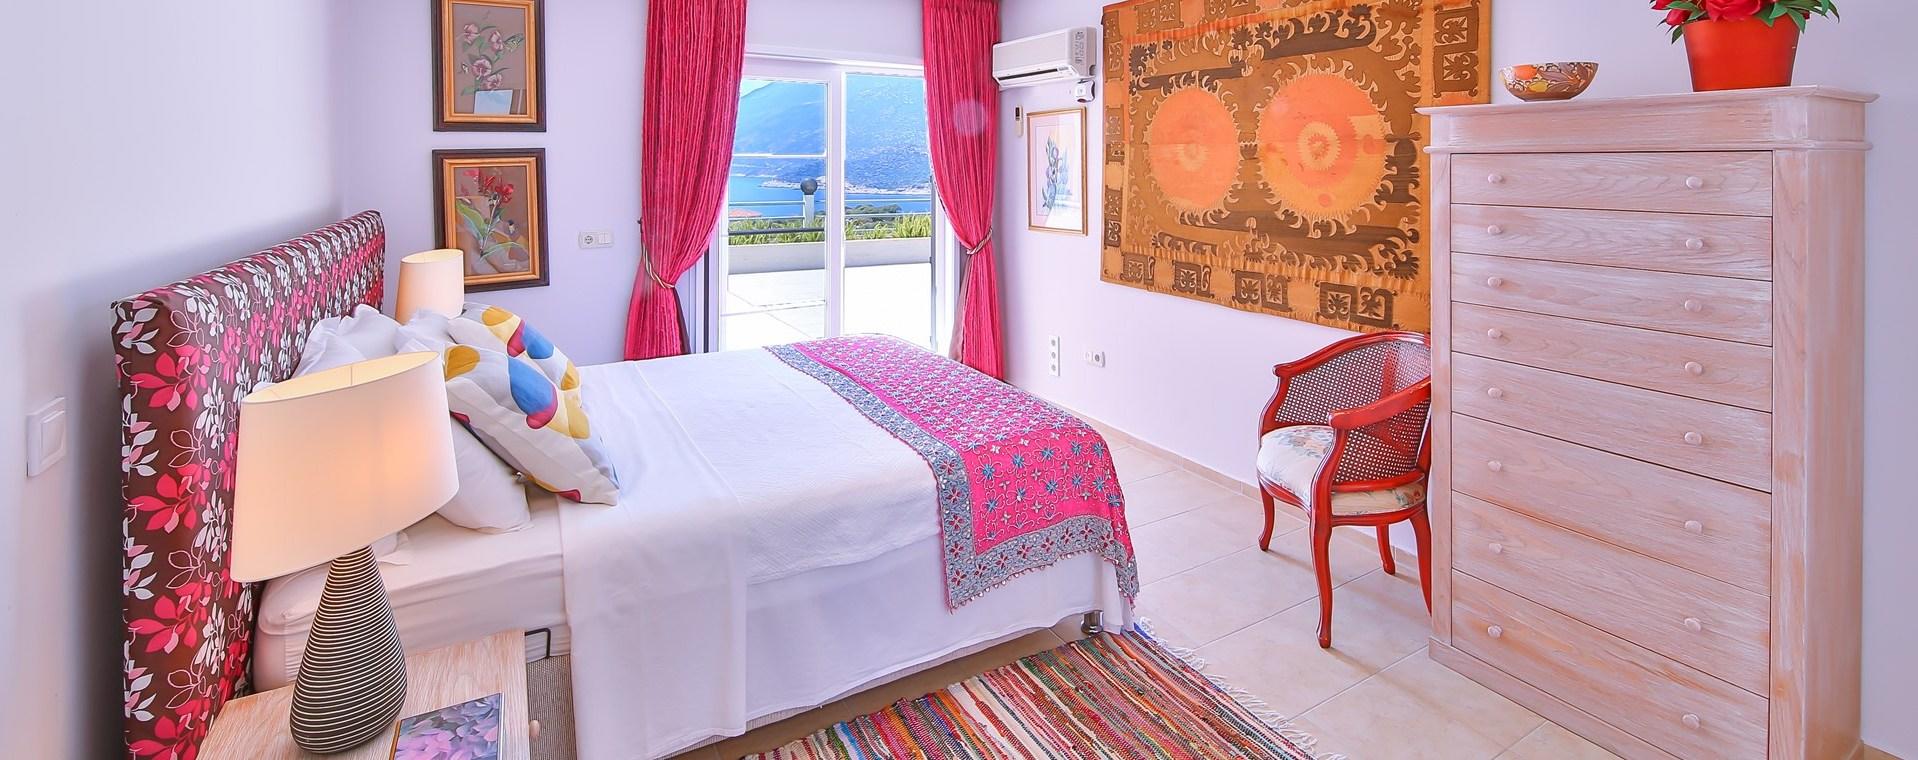 villa-kas-double-bedroom-2